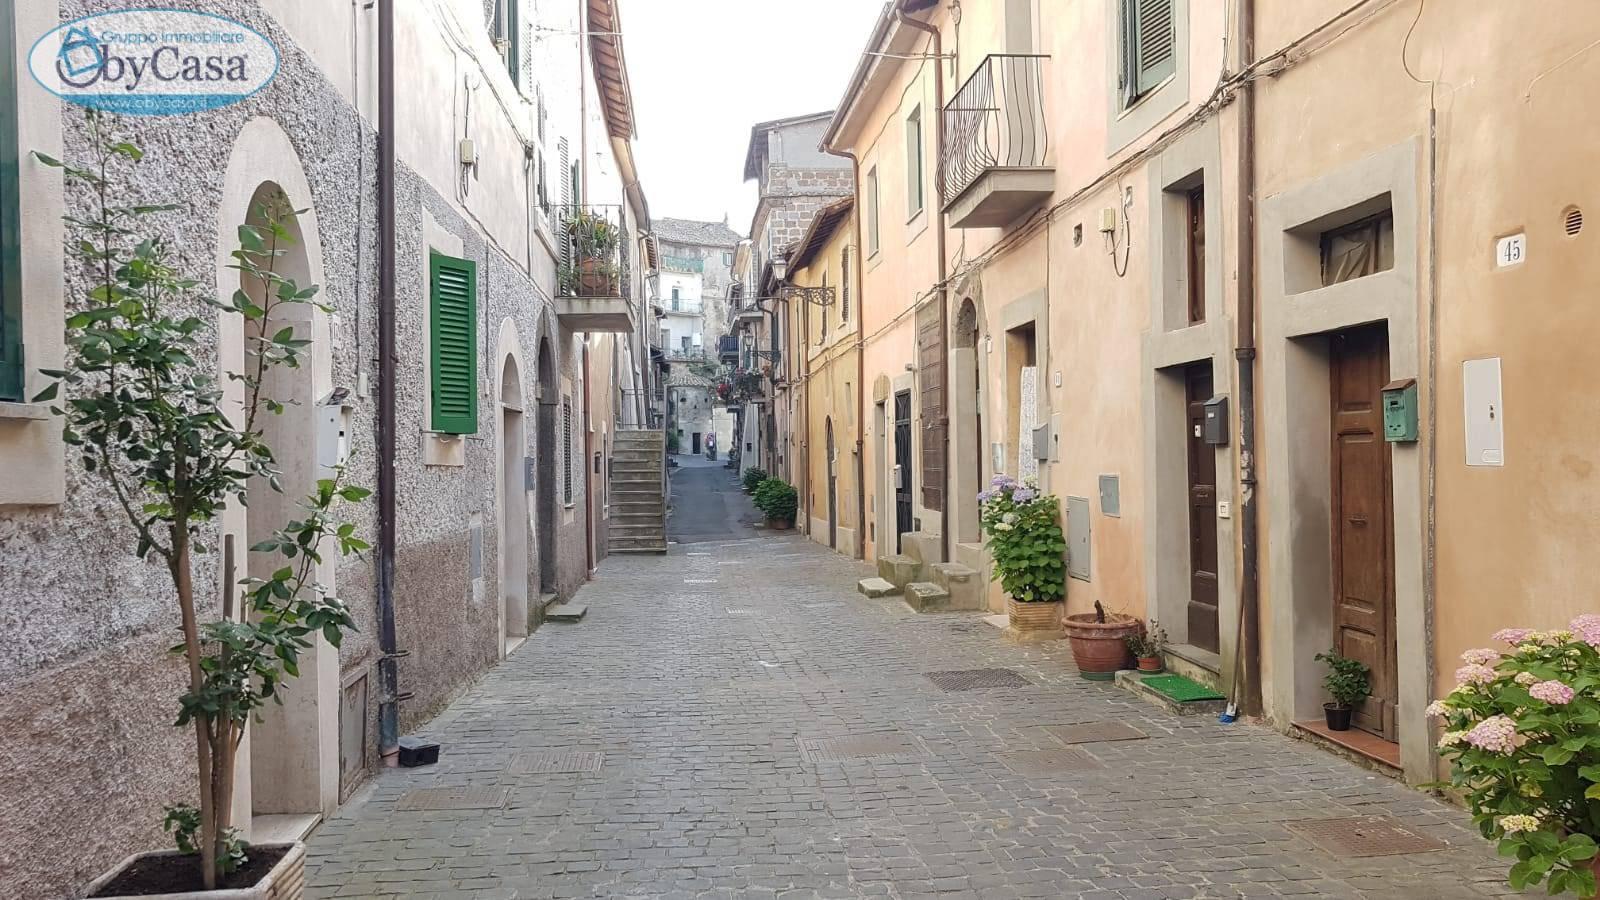 Appartamento in vendita a Bassano Romano, 2 locali, prezzo € 23.000 | CambioCasa.it